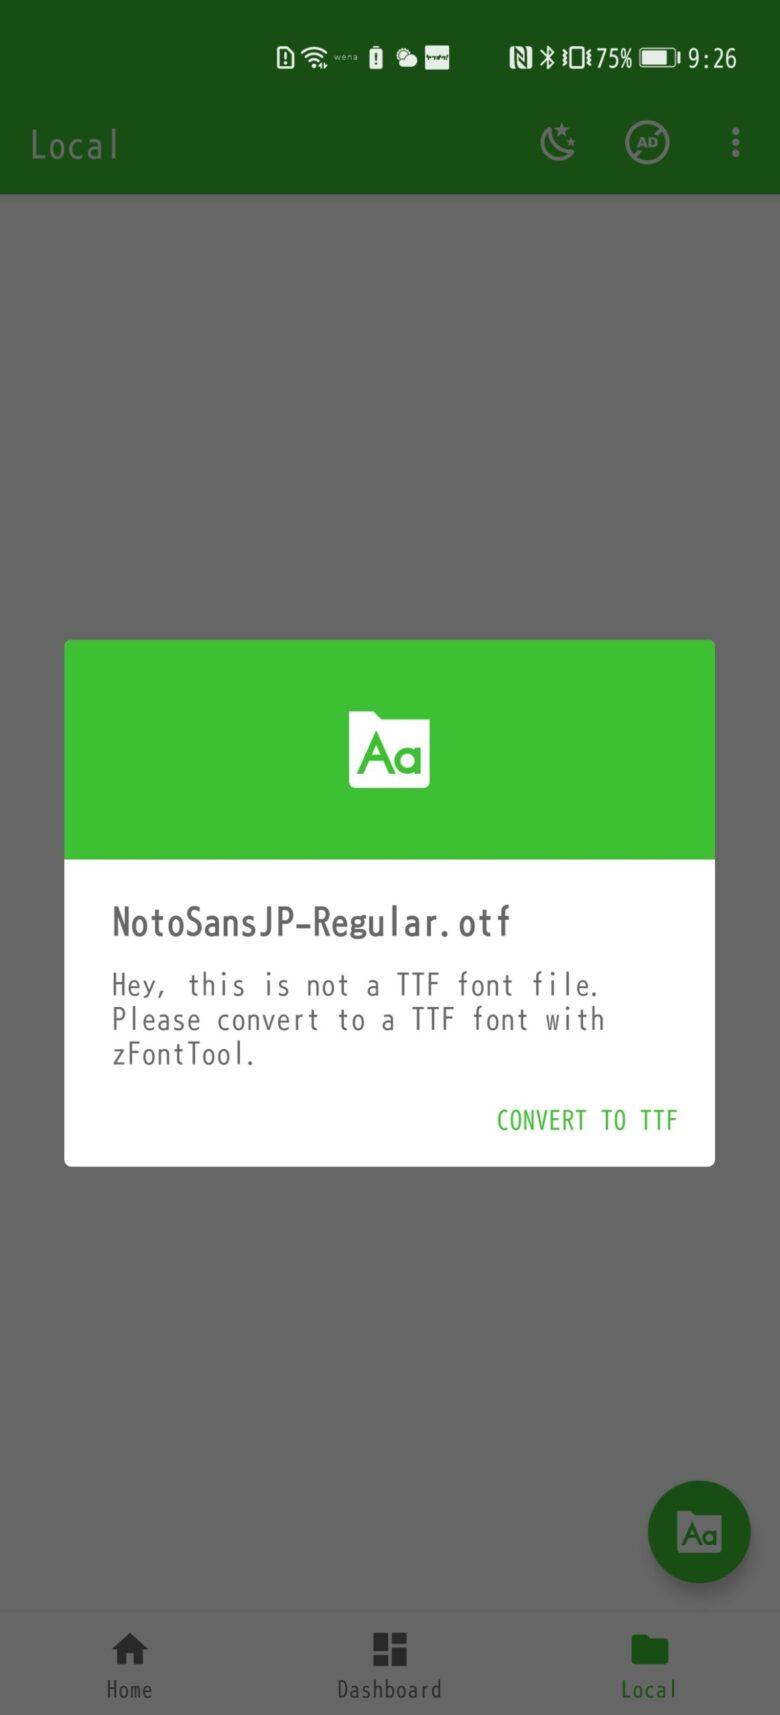 Z Font3アプリ内のTTFファイル変換を促すメッセージ画面です。